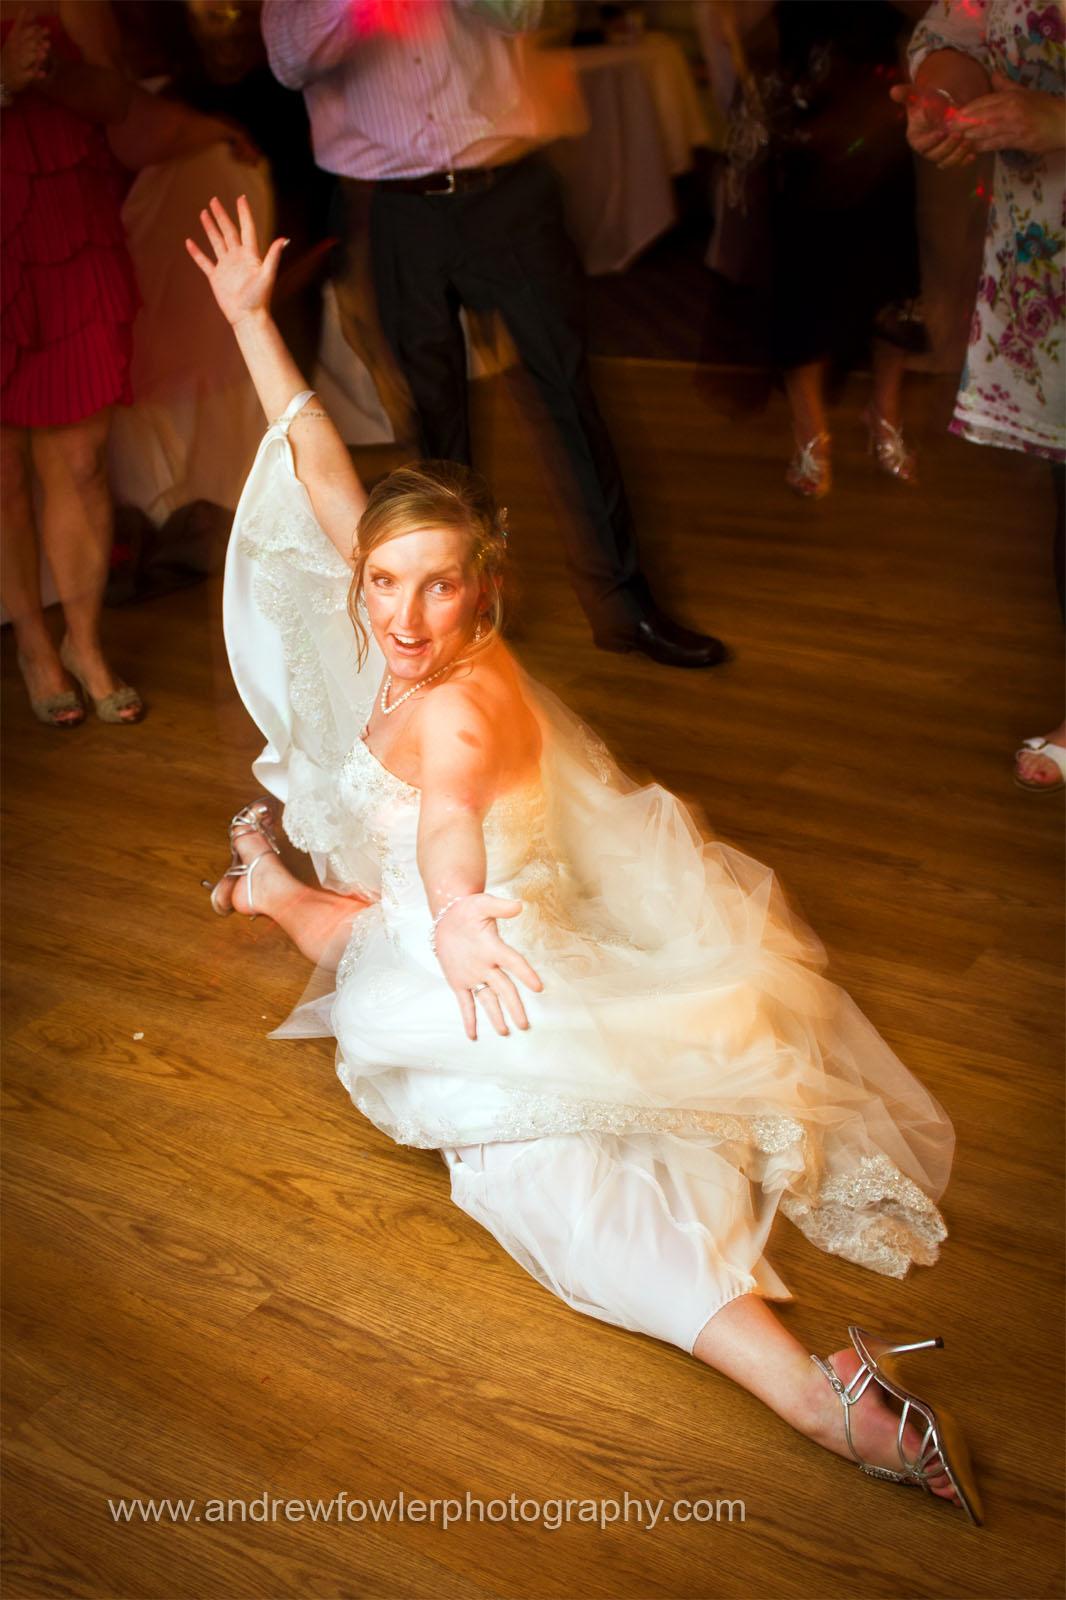 http://4.bp.blogspot.com/-uIzy0kbiQNg/TdrSE7hCIoI/AAAAAAAABI8/zdQPfDd3IAY/s1600/Bridge_Inn_Wedding_21.jpg